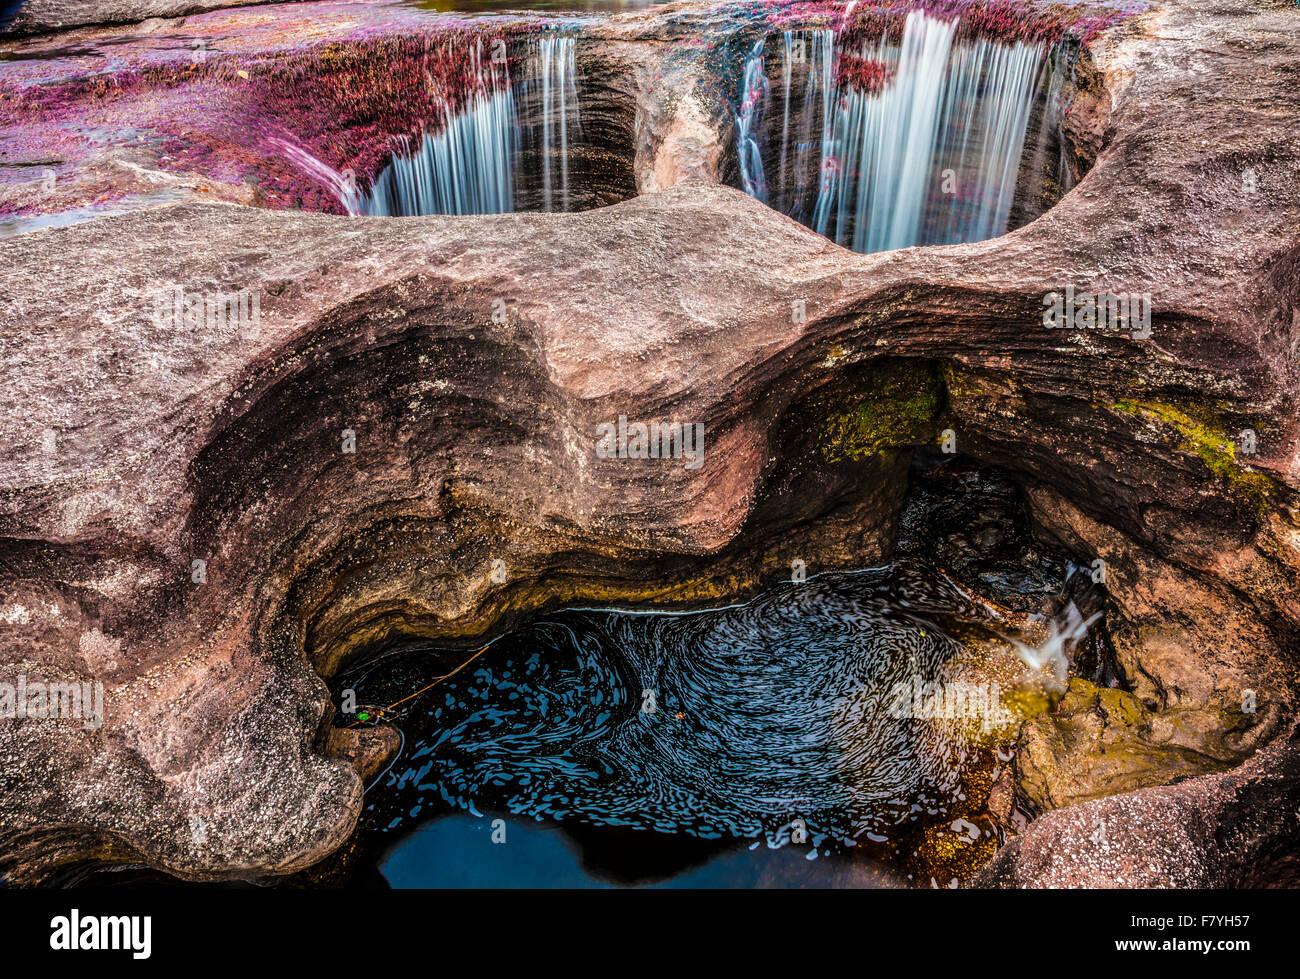 Cascade et couleurs végétales à Cano Cristales, Colombie plantes subaquatiques (Macarenia clarigera) Photo Stock